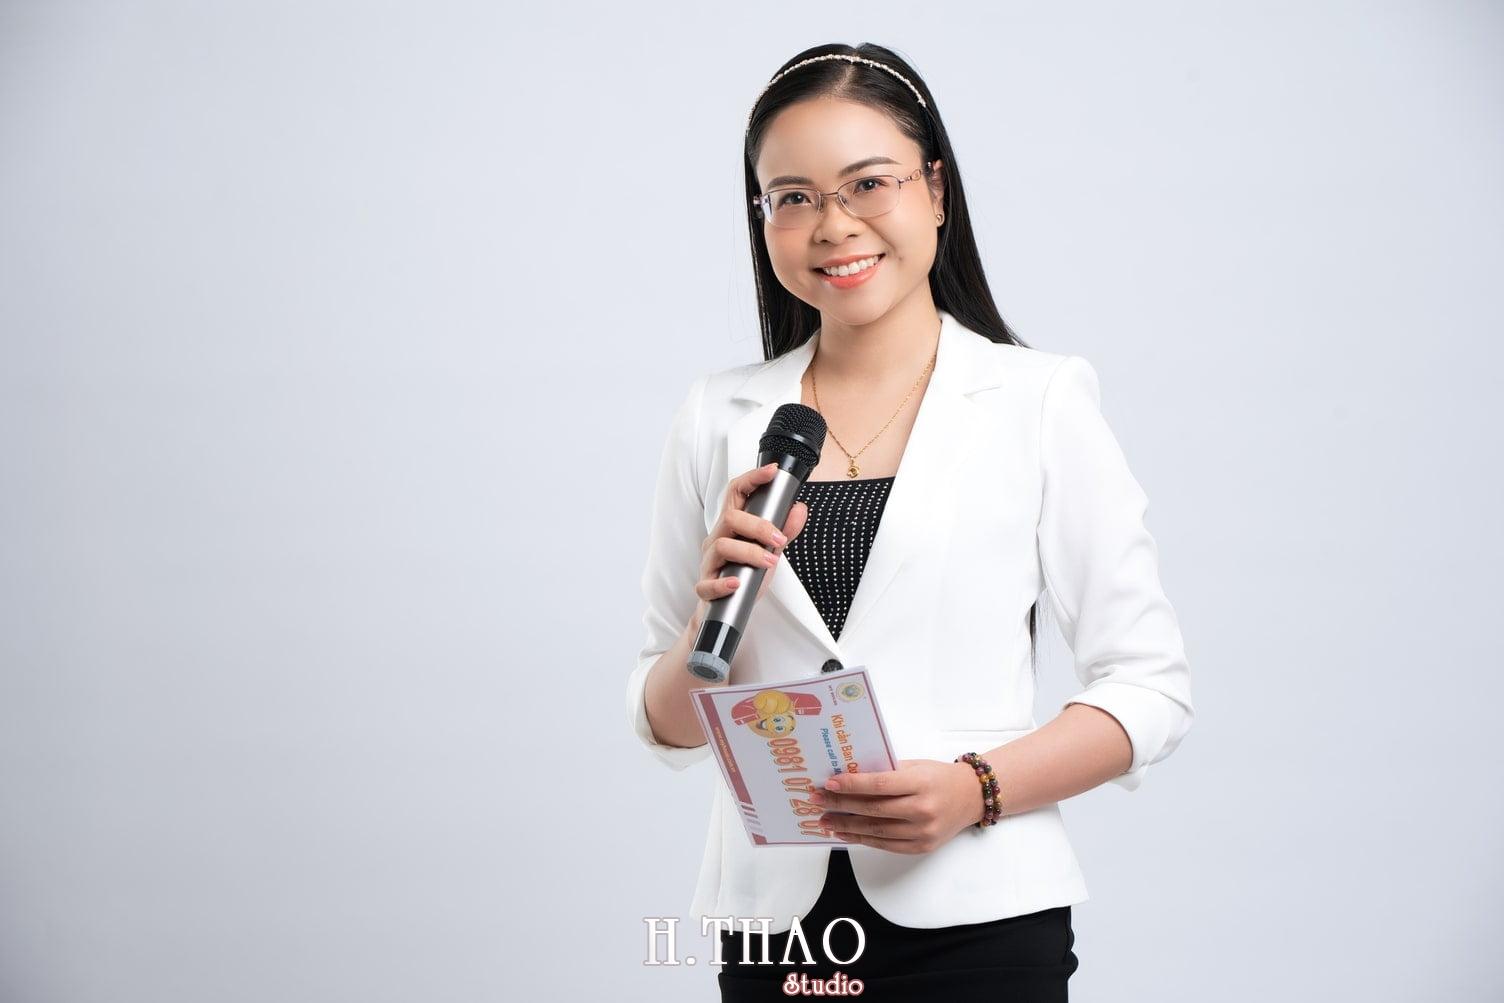 Anh Doanh nhan 13 1 - Báo giá chụp ảnh doanh nhân